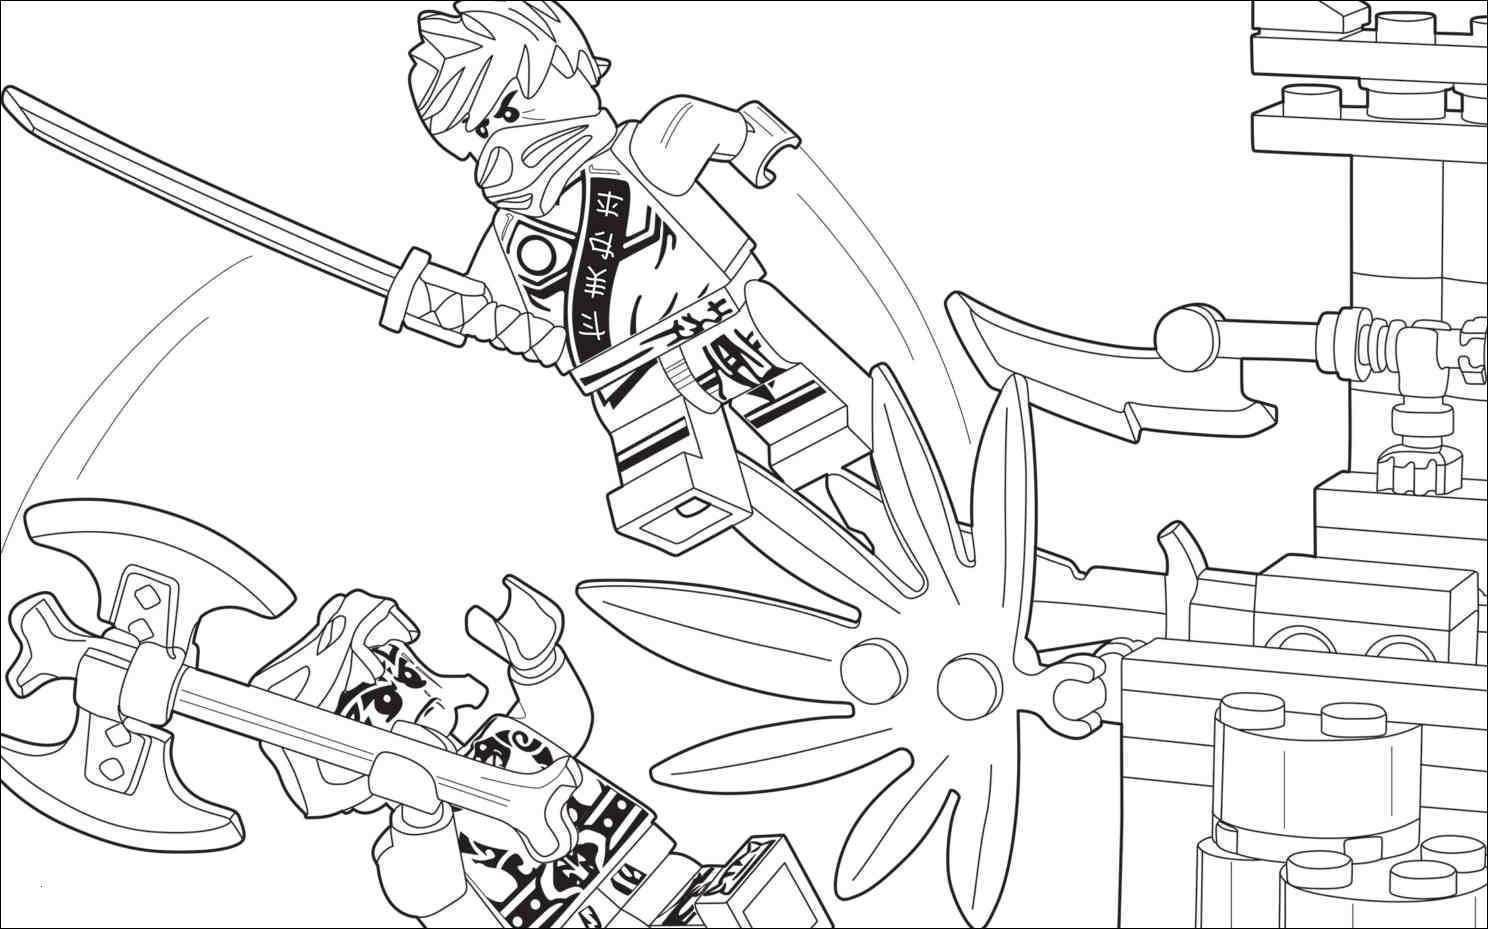 Lego Spiderman Ausmalbilder Einzigartig Ausmalbilder Lego Spiderman Gemälde Malvorlagen Igel Best Igel Fotos